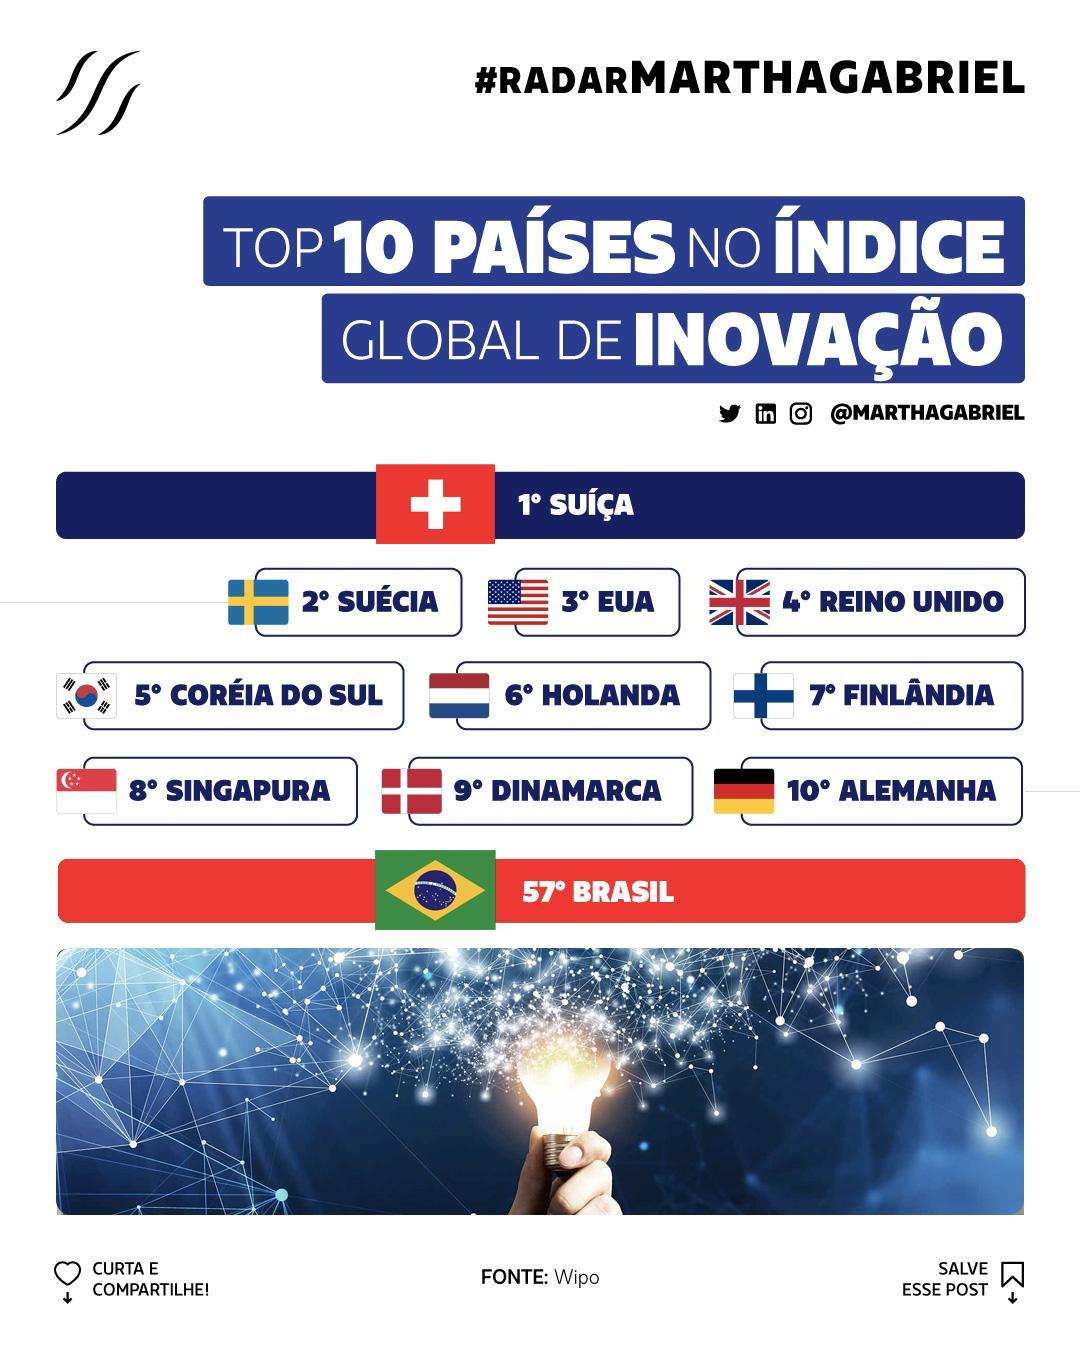 Top 10 Países no Índice Global de Inovação